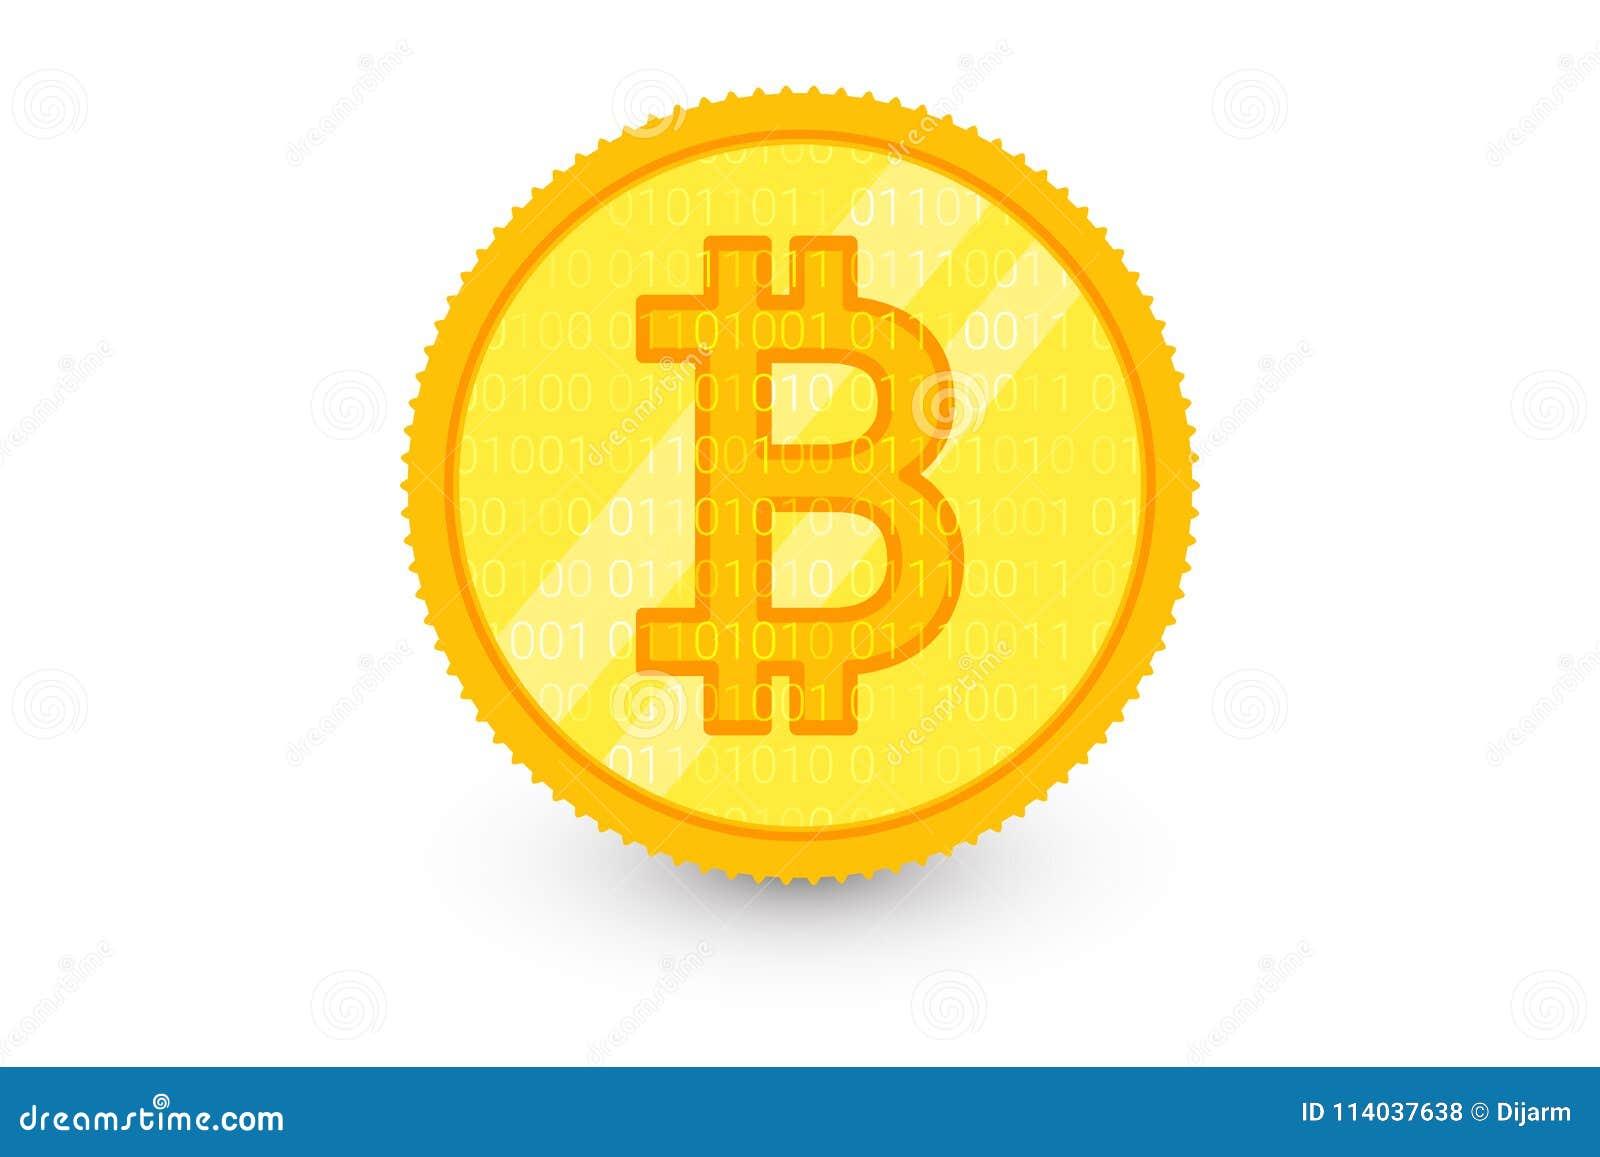 siti web del portafoglio bitcoin